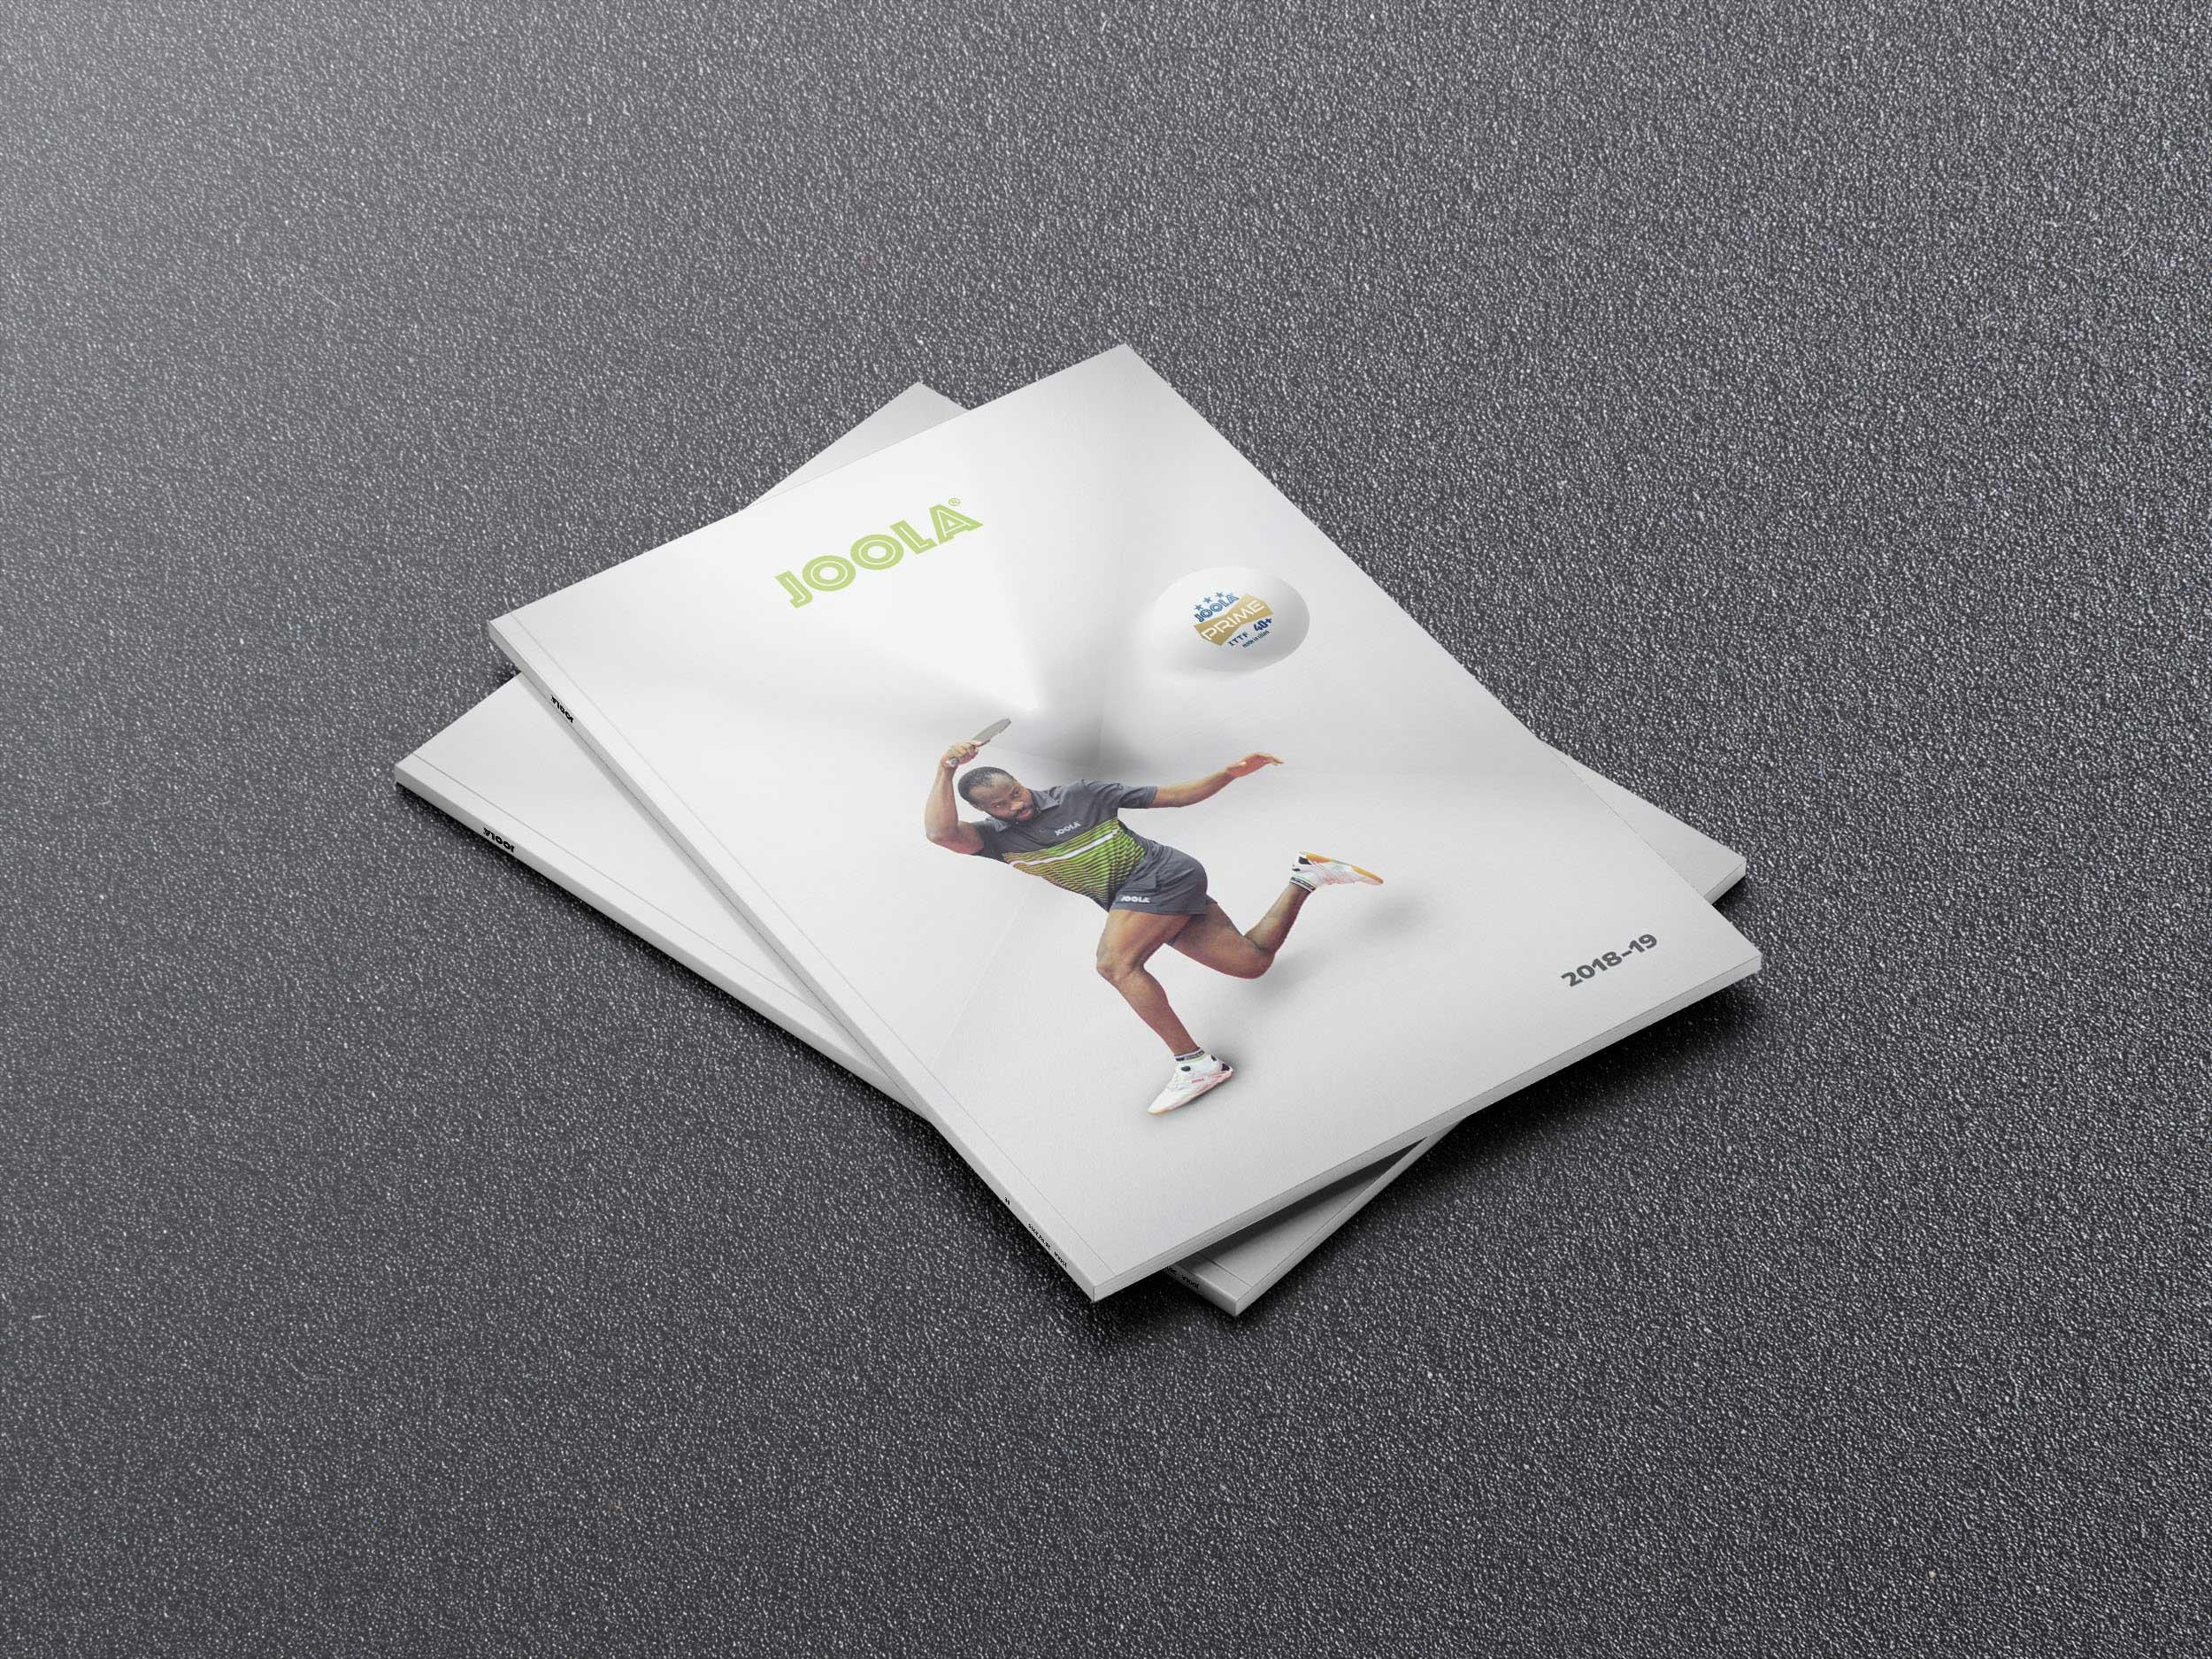 Joola Katalog 2018/2019   Design